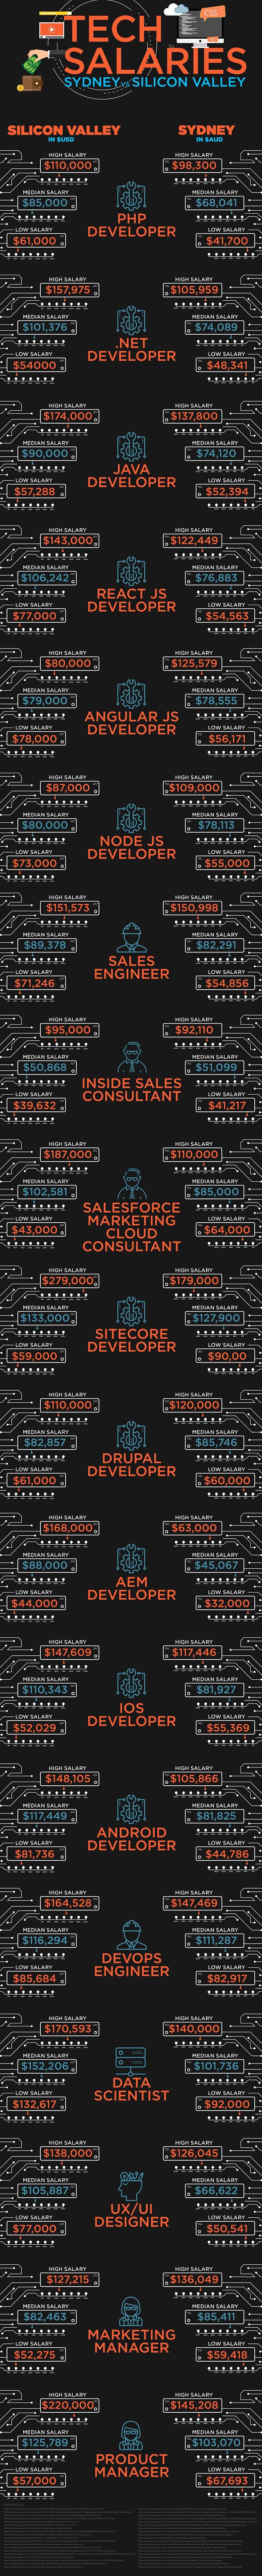 Tech Salaries in Sydney vs Silicon Valley.